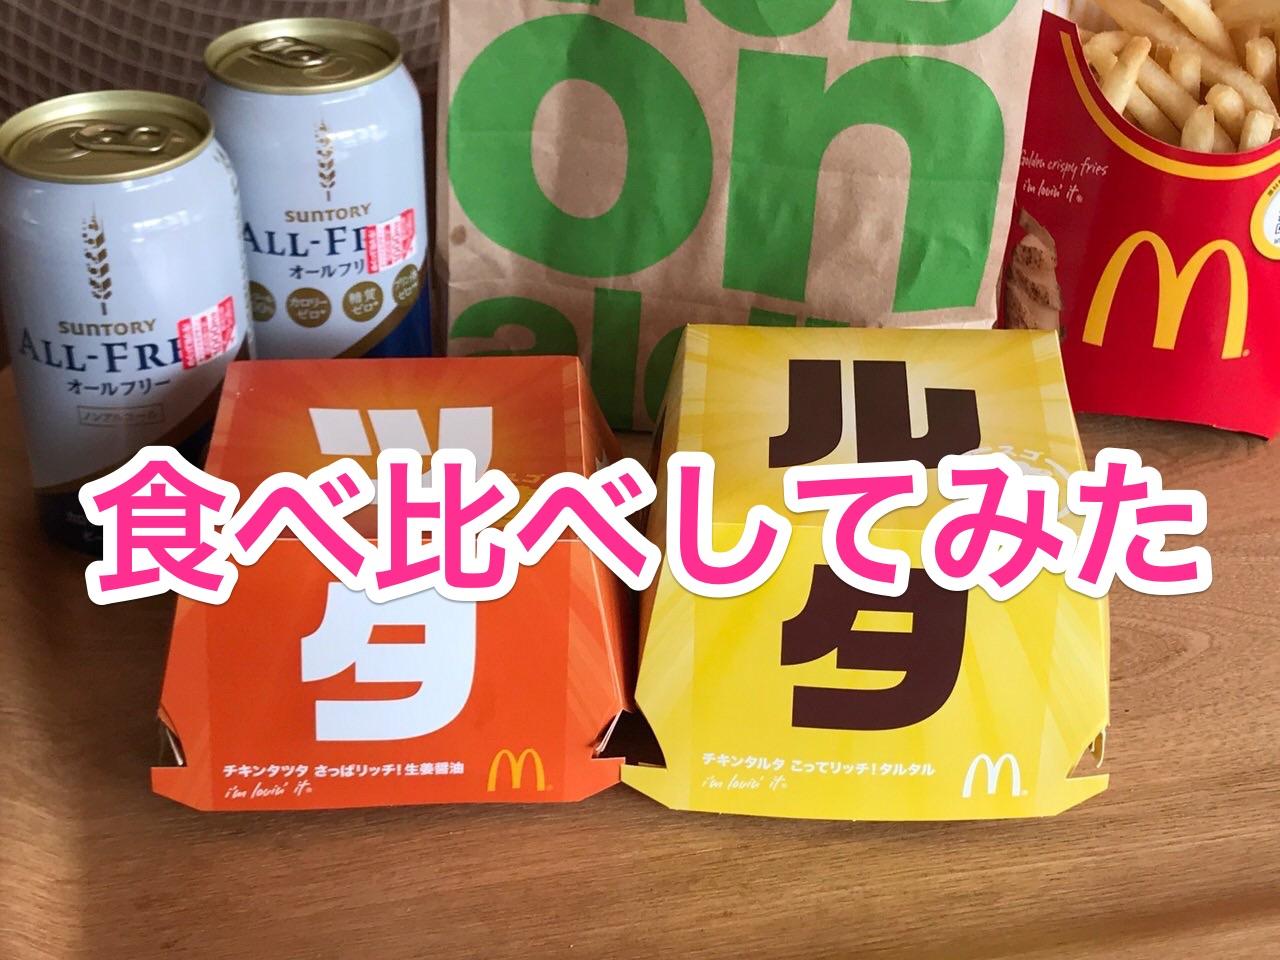 「チキンタツタ」と「チキンタルタ」を食べ比べ!どっちが美味しい?